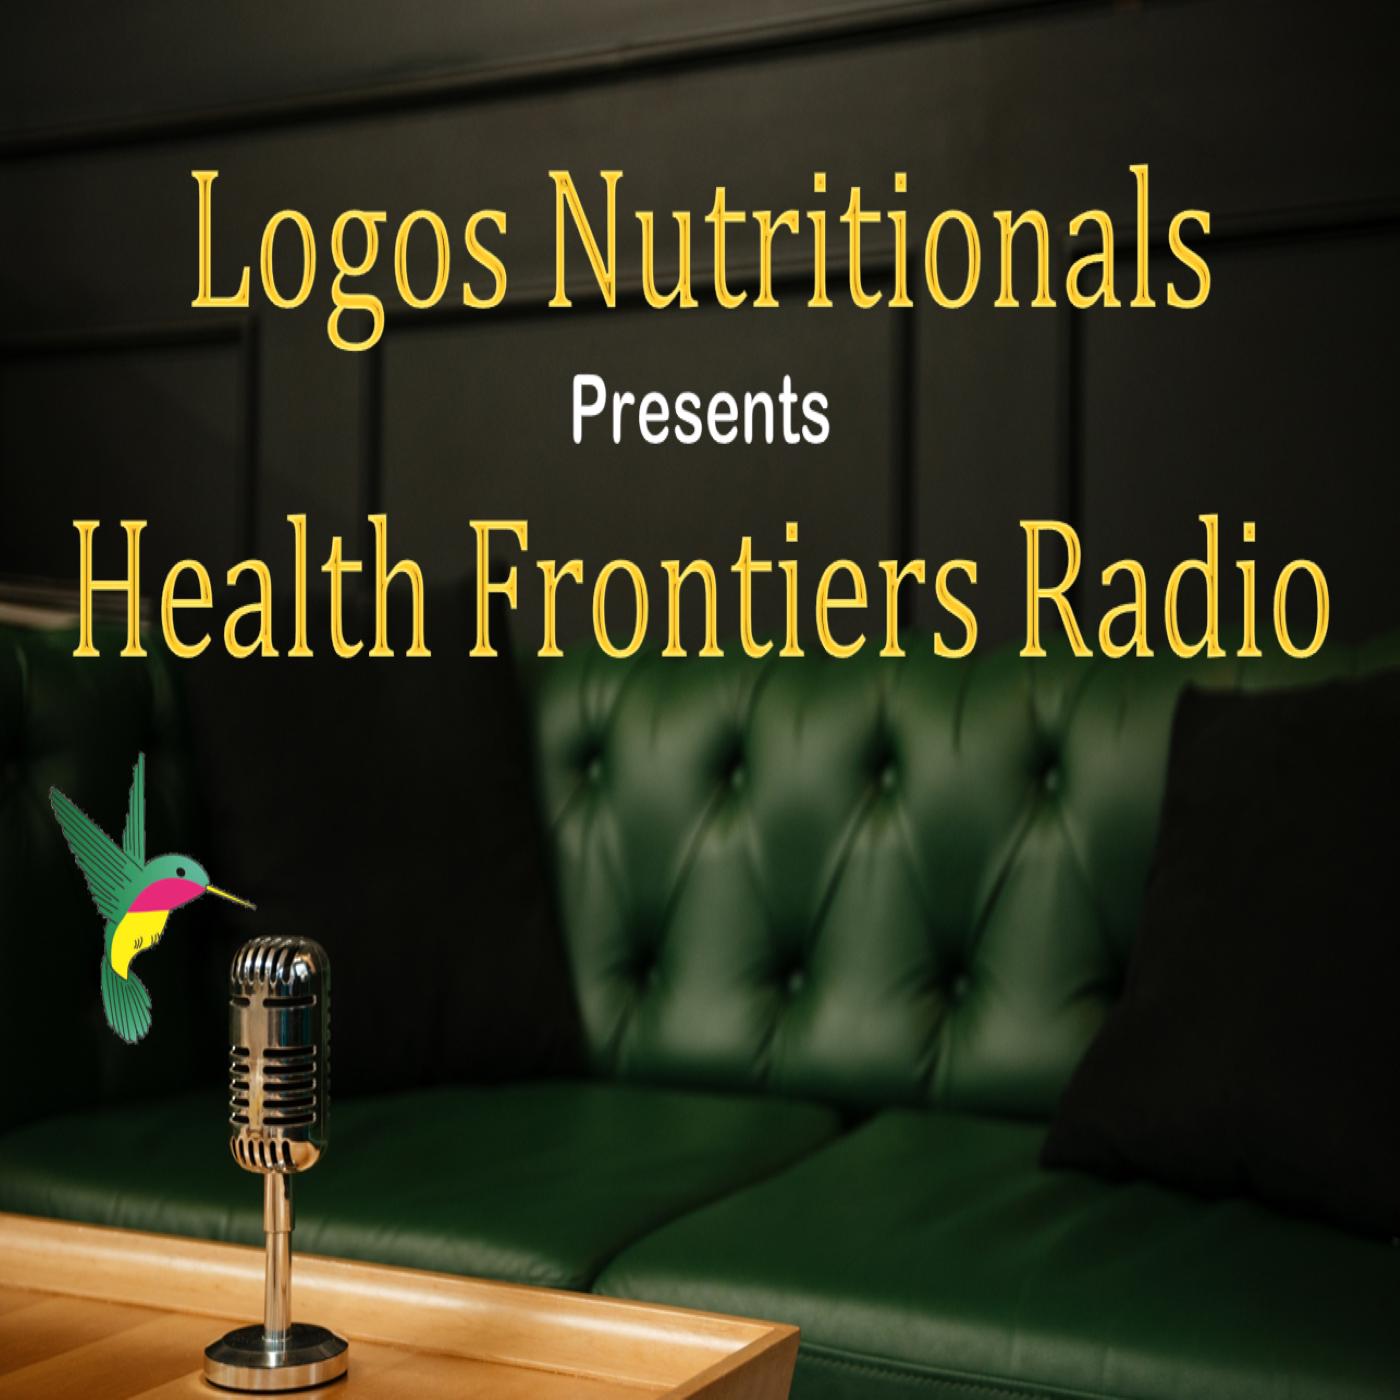 Health Frontiers Radio show art